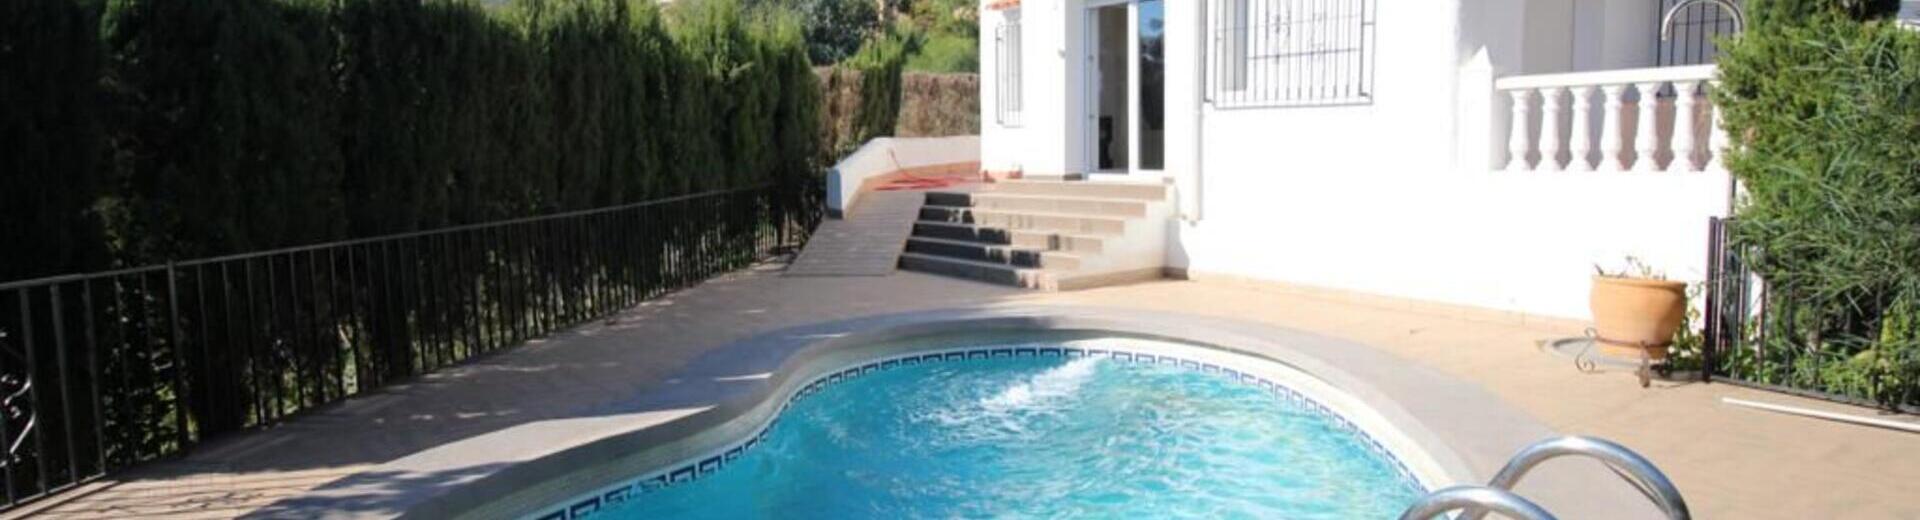 VIP7901: Villa en Venta